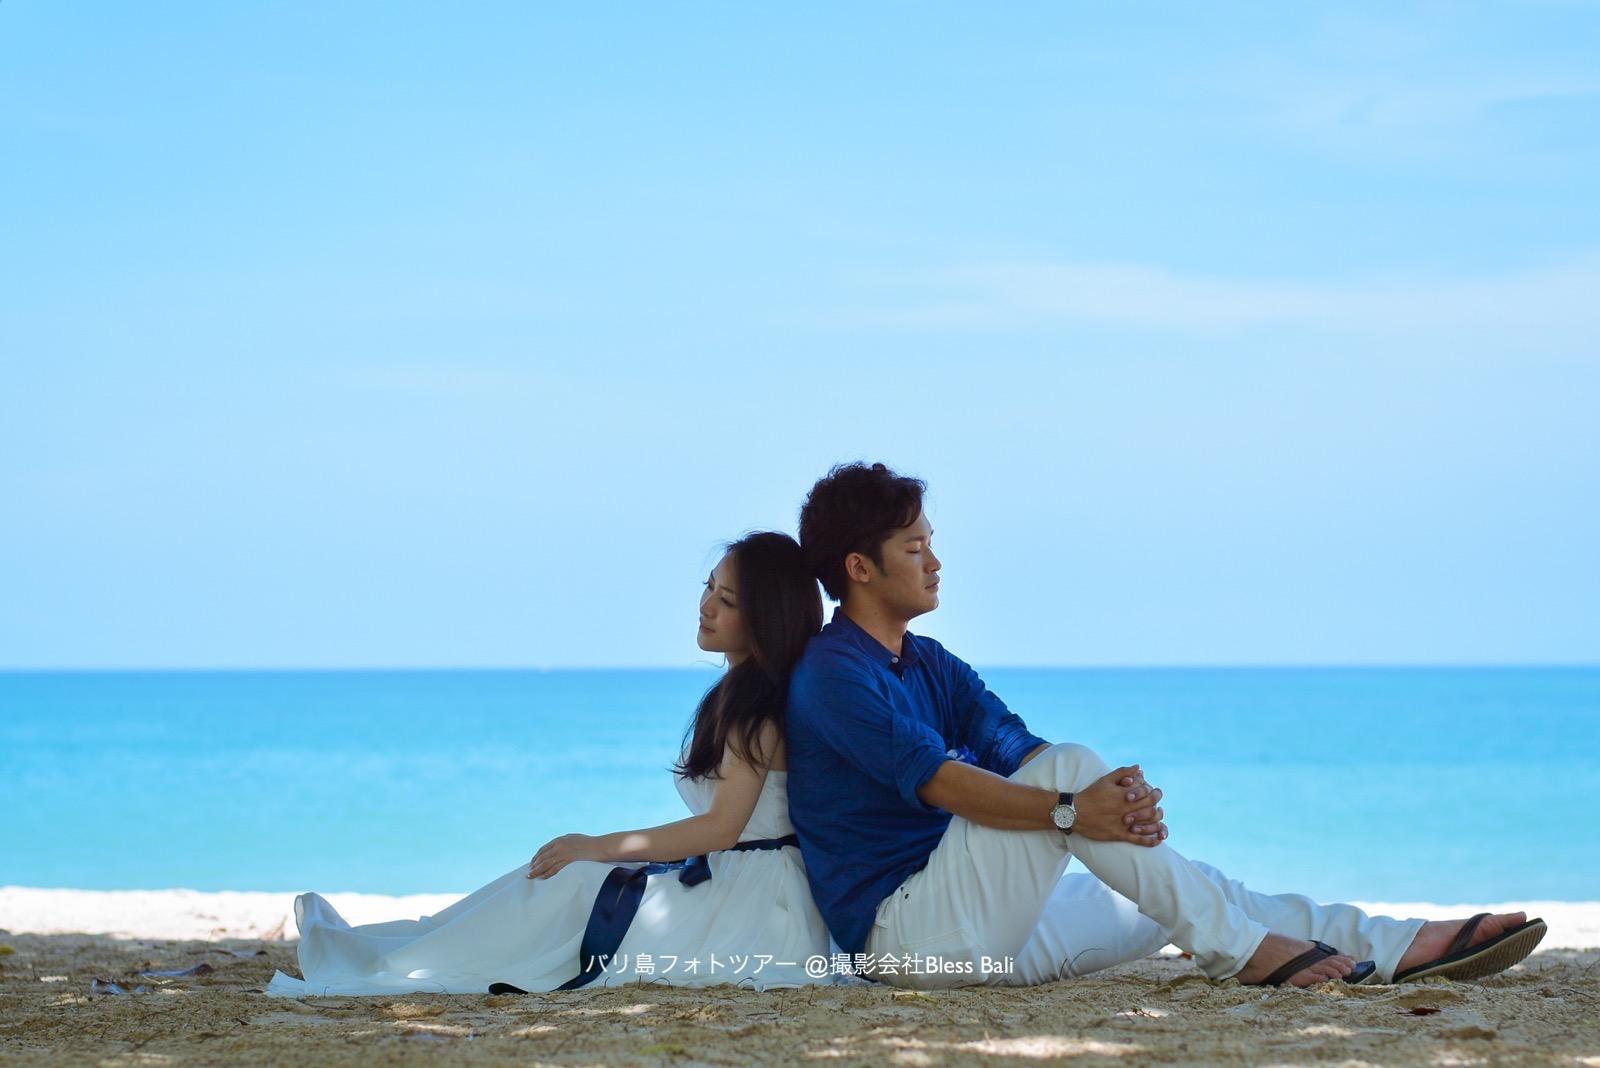 青い空と海を入れて背中合わせショット